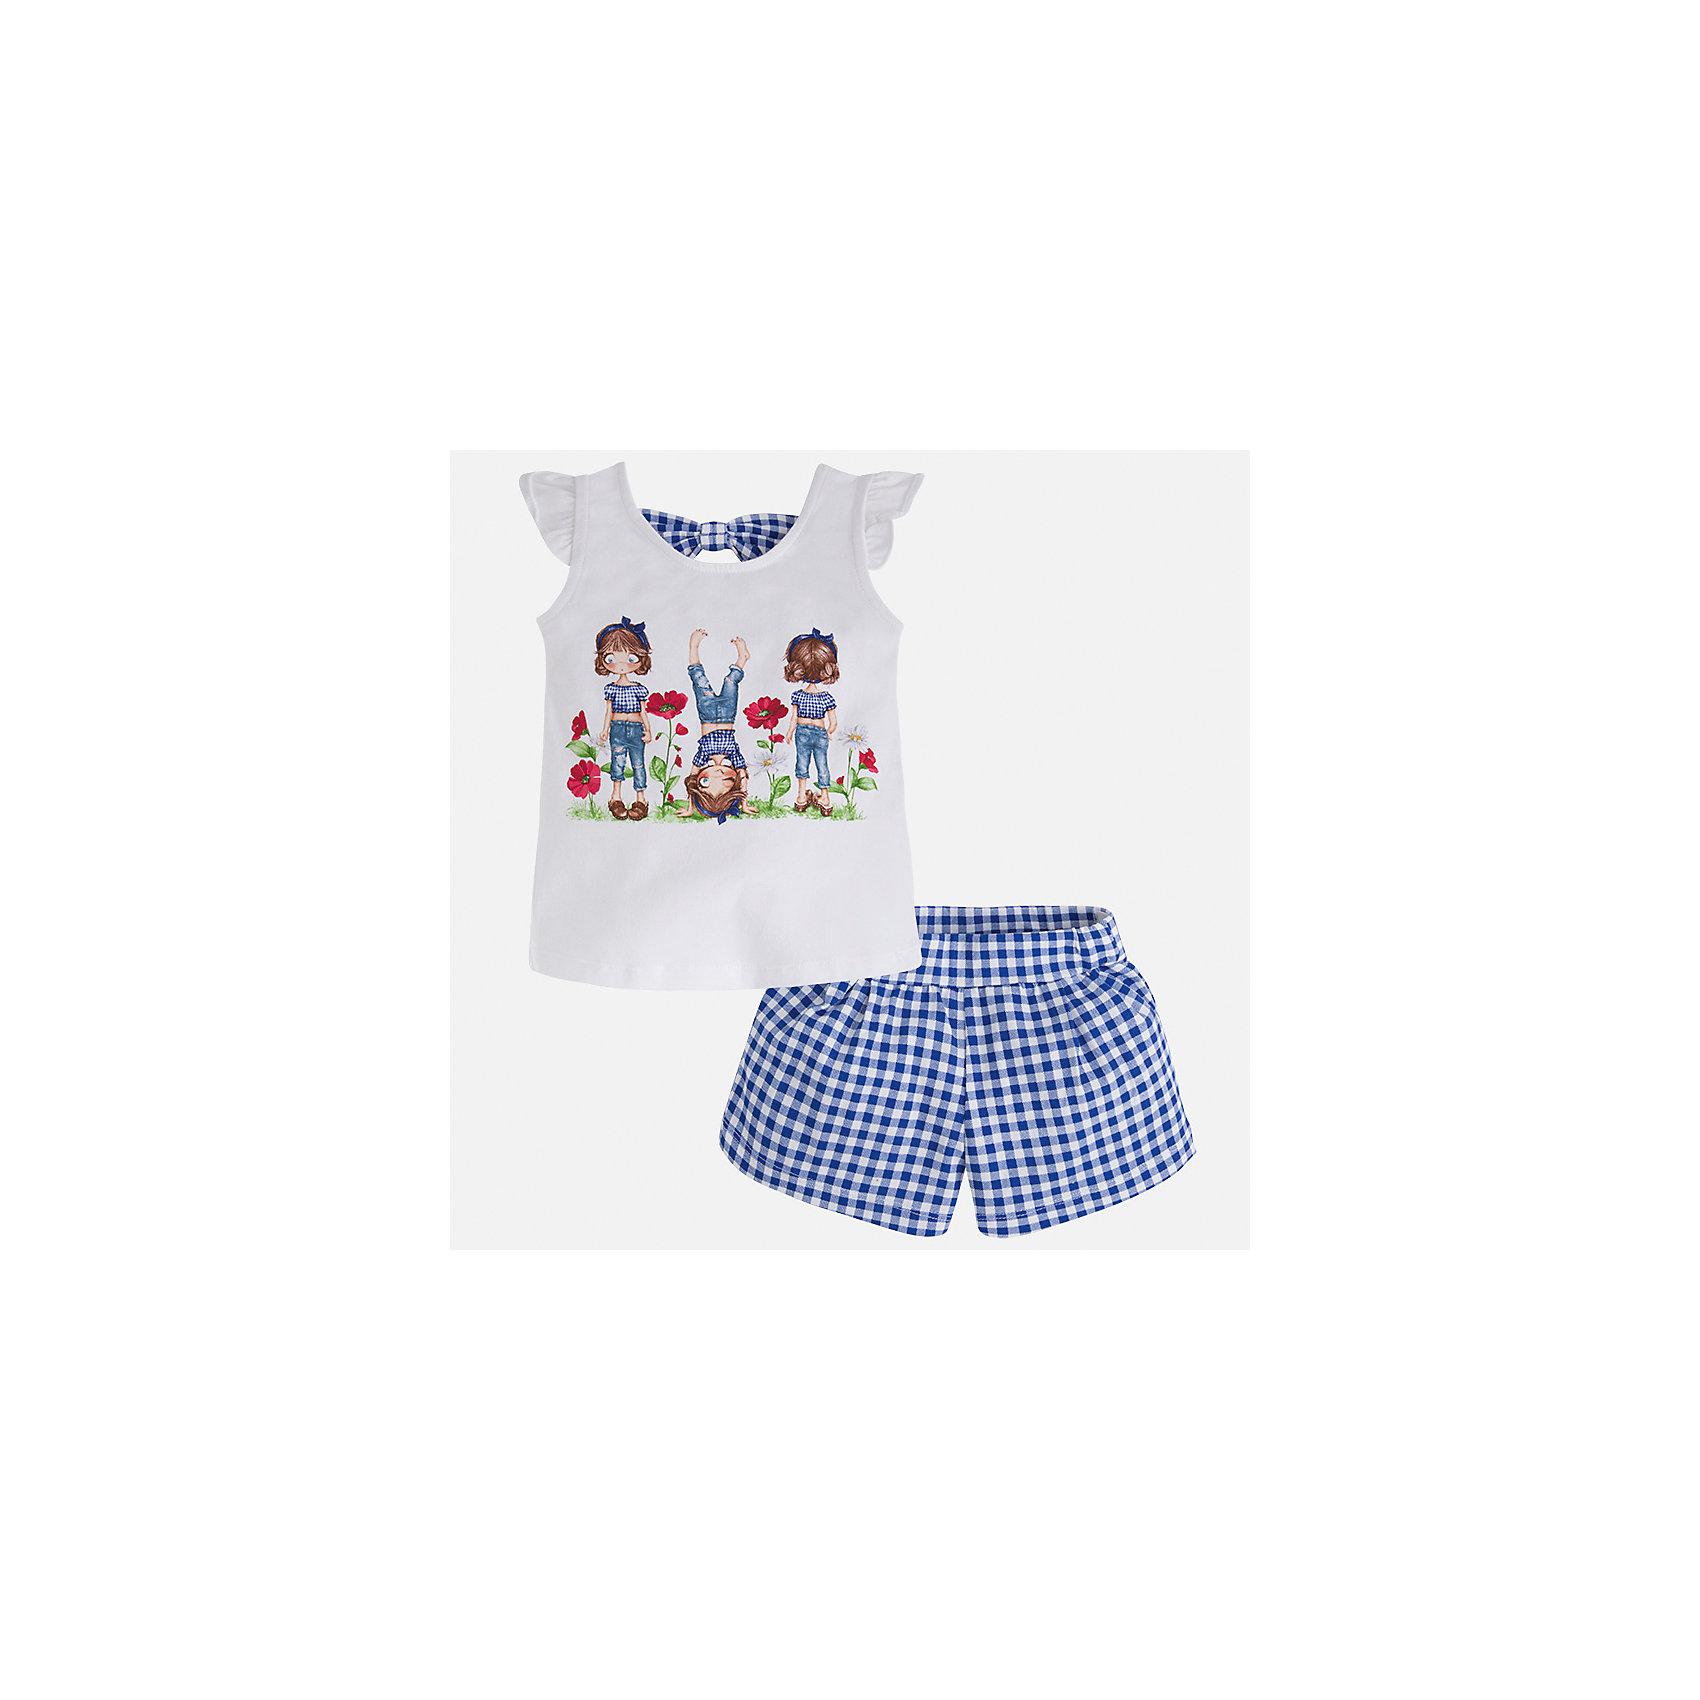 Комплект: футболка с длинным рукавом и шорты для девочки MayoralКомплекты<br>Характеристики товара:<br><br>• цвет: белый/синий<br>• состав: 95% хлопок, 5% эластан<br>• комплектация: футболка, шорты<br>• футболка декорирована принтом<br>• шорты в клетку<br>• пояс на резинке<br>• страна бренда: Испания<br><br>Стильный качественный комплект для девочки поможет разнообразить гардероб ребенка и удобно одеться в теплую погоду. Он отлично сочетается с другими предметами. Универсальный цвет позволяет подобрать к вещам верхнюю одежду практически любой расцветки. Интересная отделка модели делает её нарядной и оригинальной. В составе материала - натуральный хлопок, гипоаллергенный, приятный на ощупь, дышащий.<br><br>Одежда, обувь и аксессуары от испанского бренда Mayoral полюбились детям и взрослым по всему миру. Модели этой марки - стильные и удобные. Для их производства используются только безопасные, качественные материалы и фурнитура. Порадуйте ребенка модными и красивыми вещами от Mayoral! <br><br>Комплект для девочки от испанского бренда Mayoral (Майорал) можно купить в нашем интернет-магазине.<br><br>Ширина мм: 191<br>Глубина мм: 10<br>Высота мм: 175<br>Вес г: 273<br>Цвет: синий<br>Возраст от месяцев: 96<br>Возраст до месяцев: 108<br>Пол: Женский<br>Возраст: Детский<br>Размер: 128,98,104,134,92,110,116,122<br>SKU: 5289866